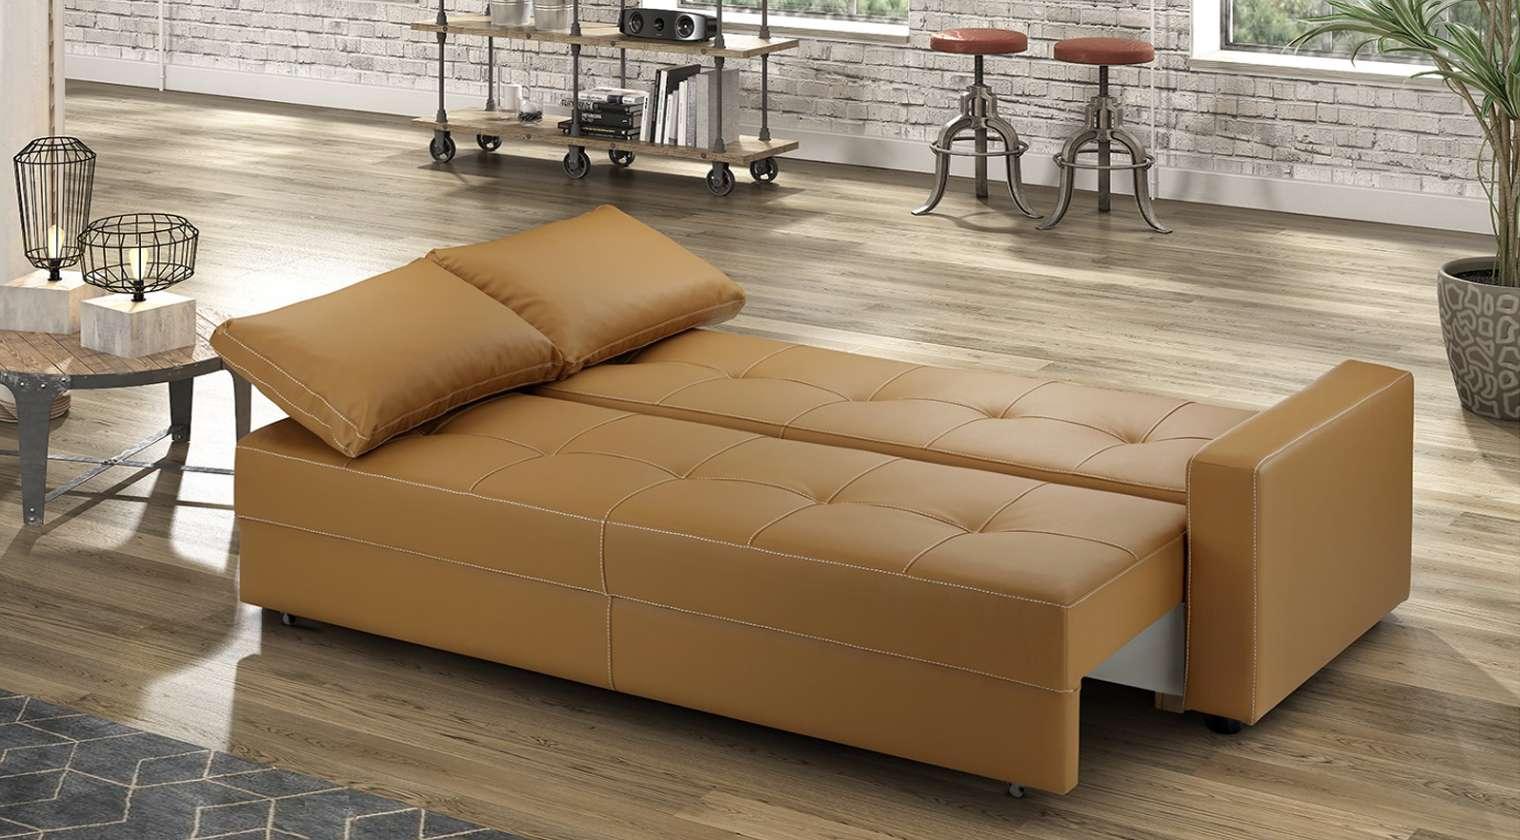 Sof cama caraz sofas cama convertibles for Sofa convertible en cama